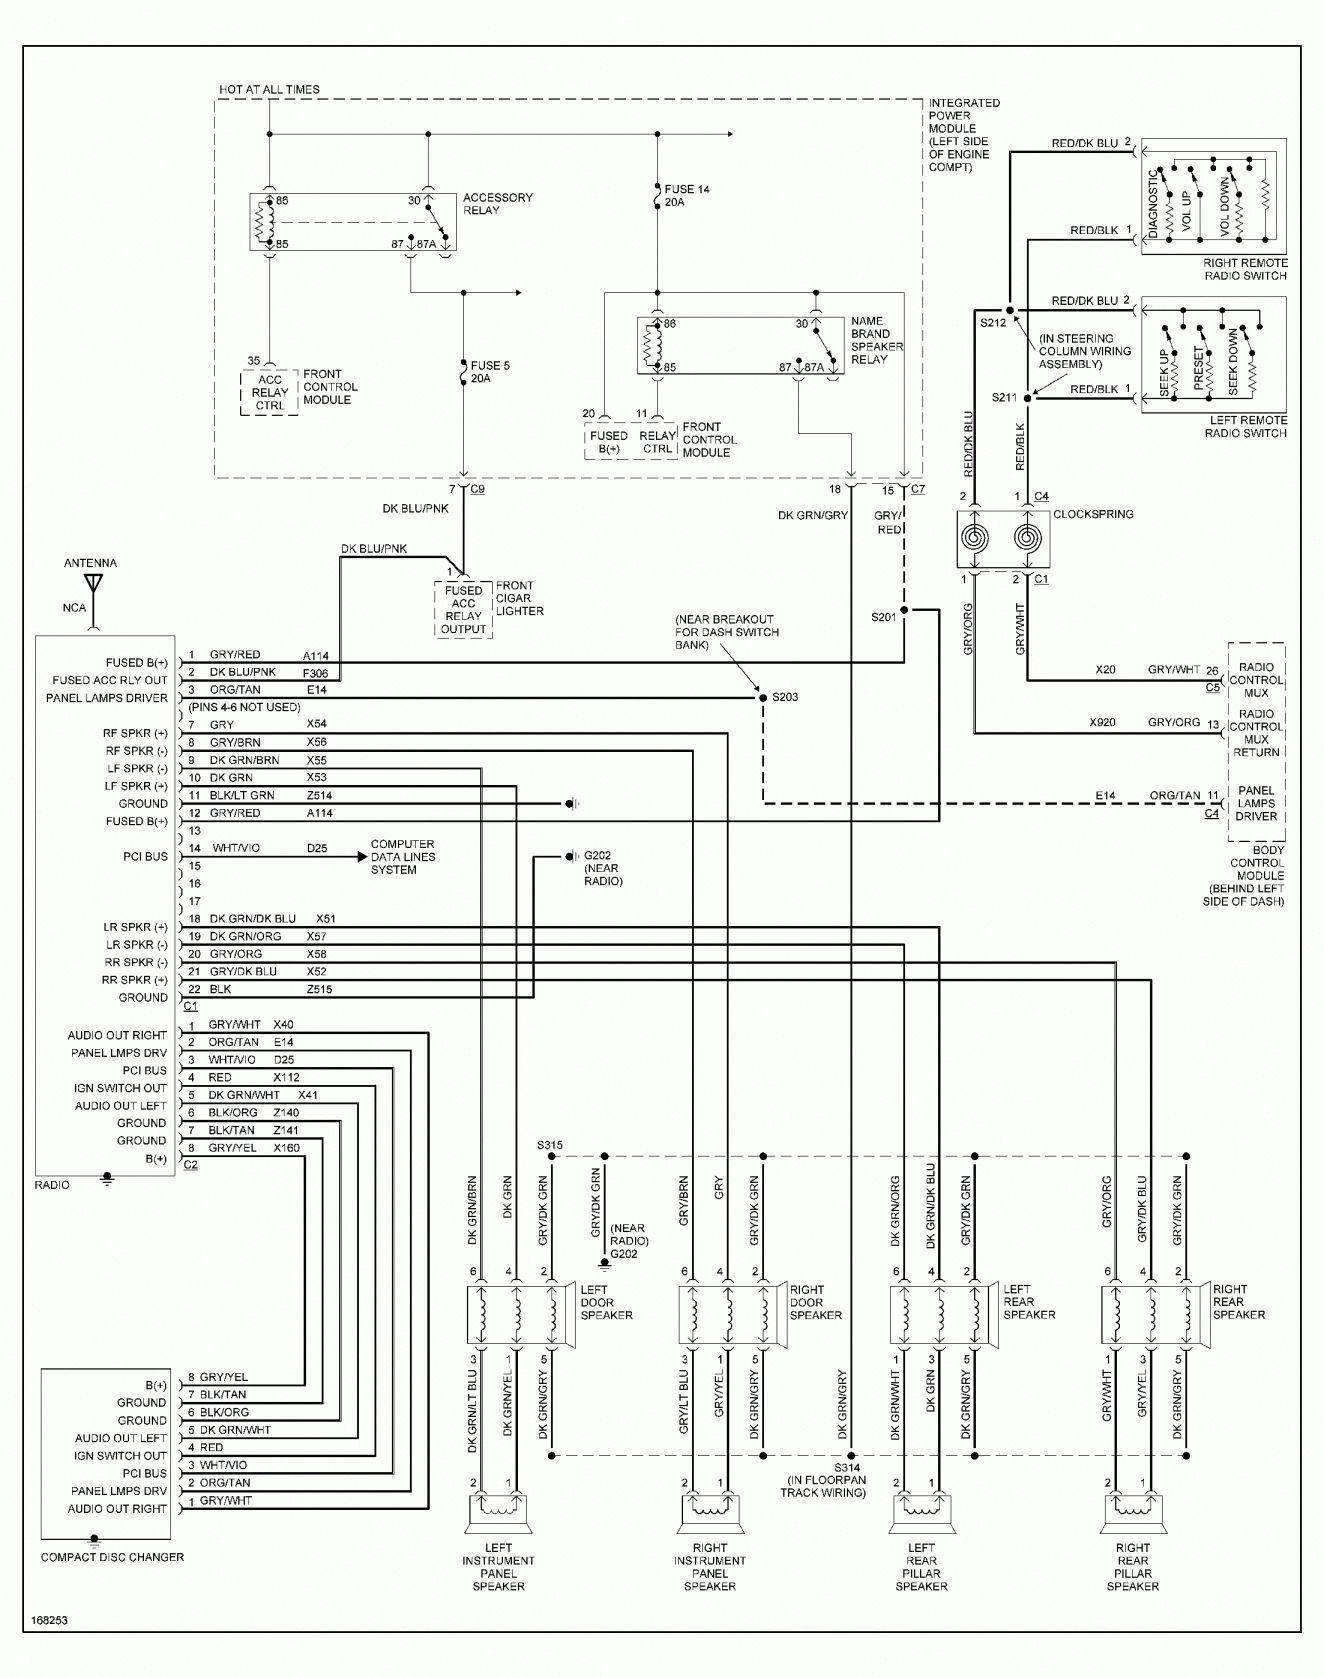 16 2011 Dodge Truck Trailer Wiring Diagram Truck Diagram Wiringg Net Ram 1500 Dodge Ram 1500 Dodge Ram